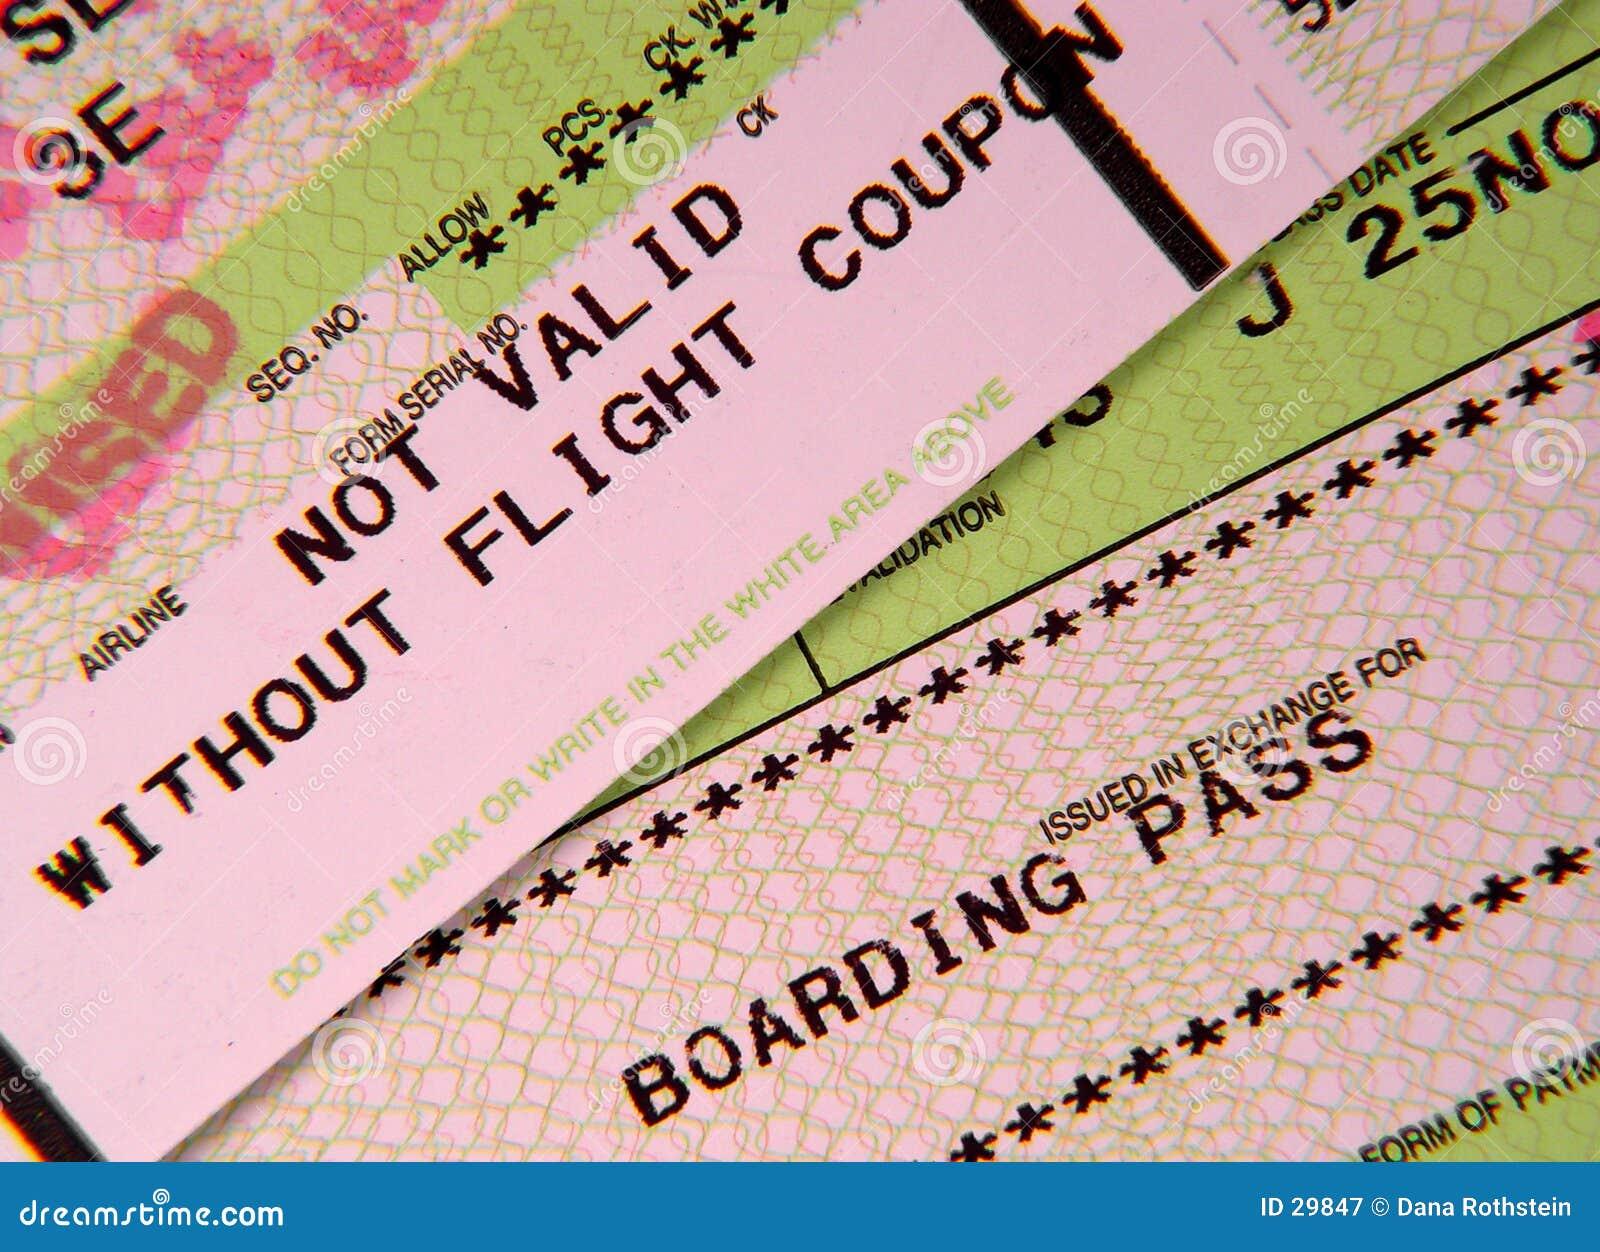 Documento de embarque